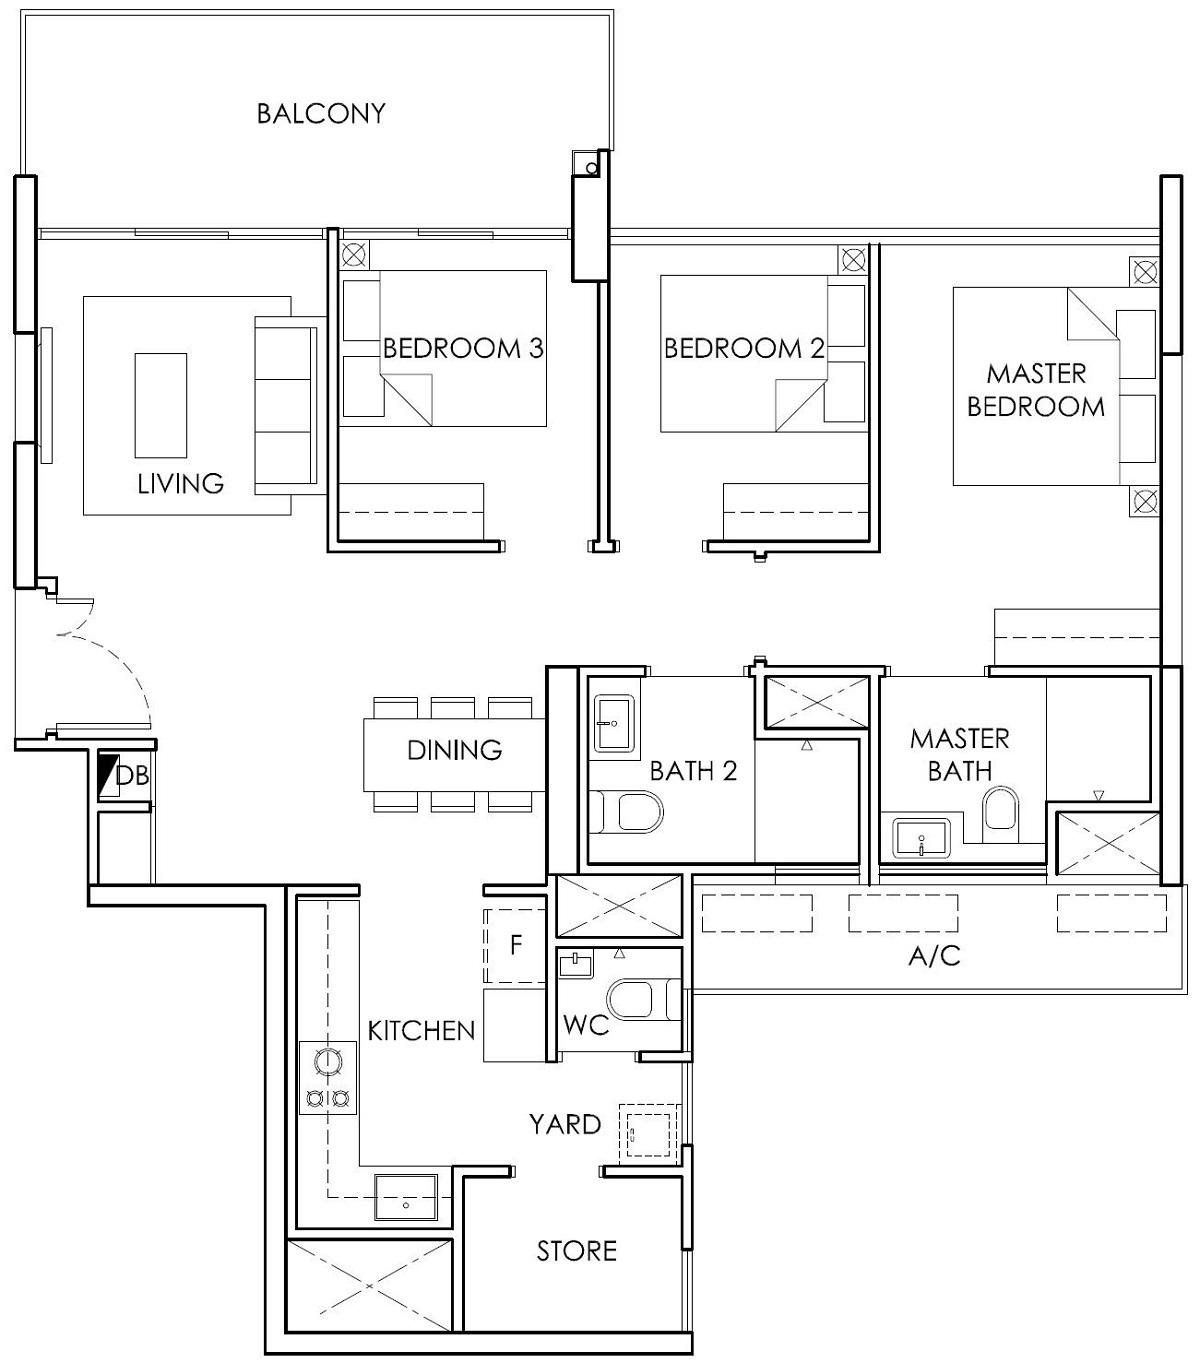 Ola EC 3 Bedroom with Store Type B5 Floor Plan